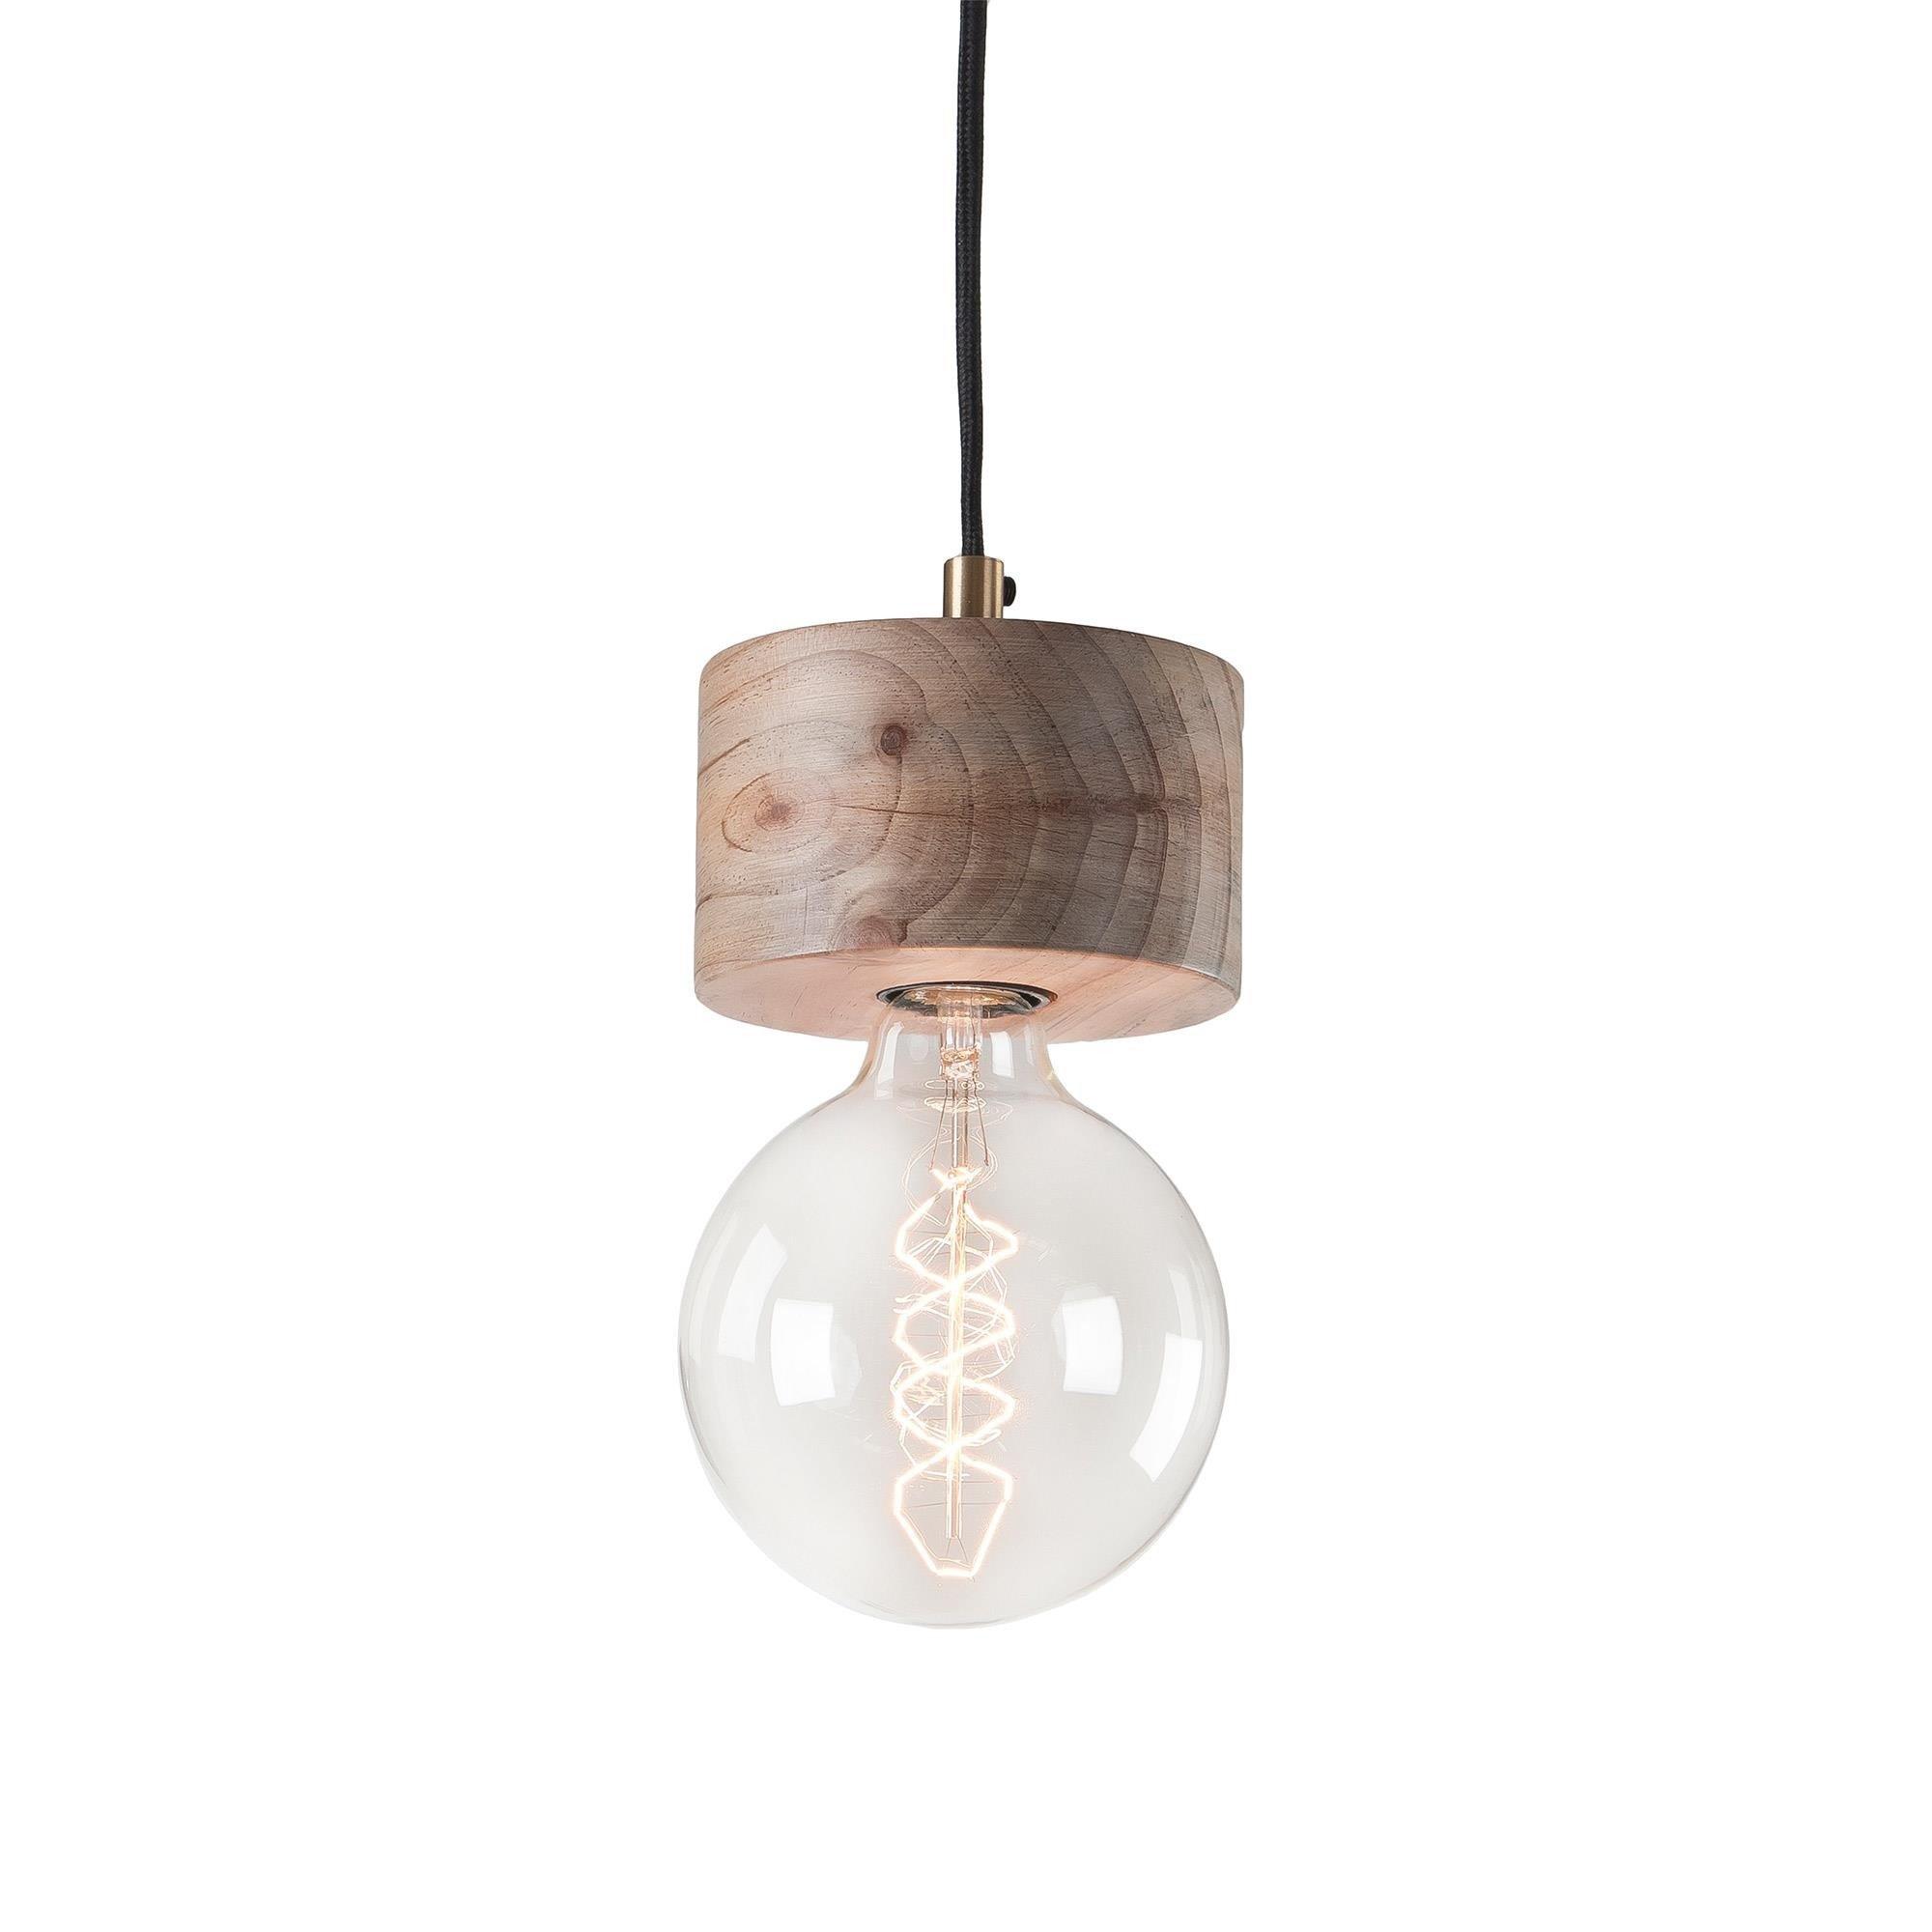 Lampa wisząca ARRAKIS Ø13cm naturalne drewno